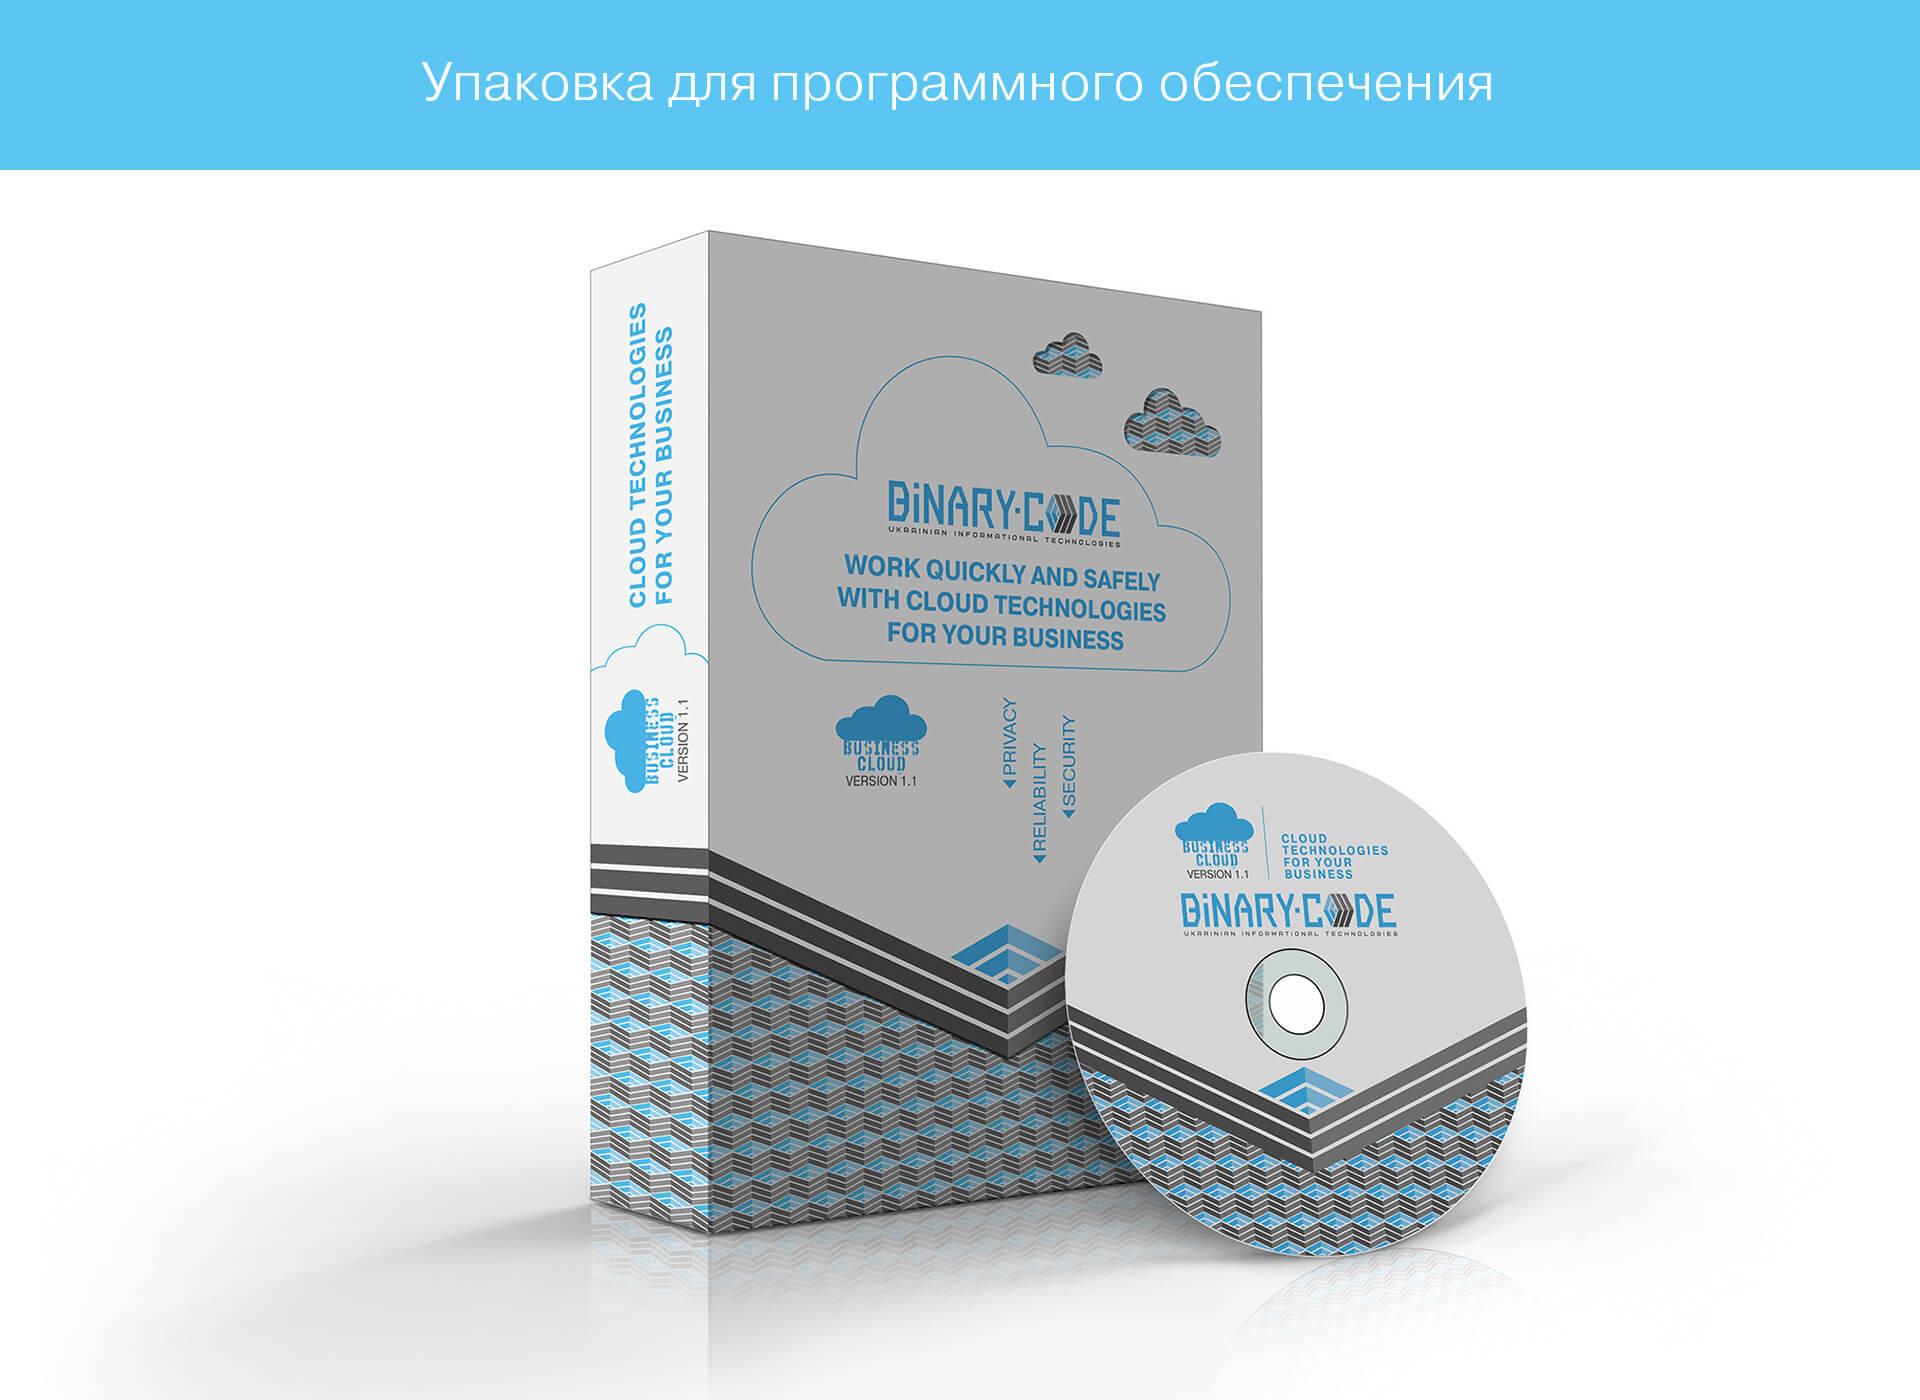 prokochuk_irina_binary-code_16_